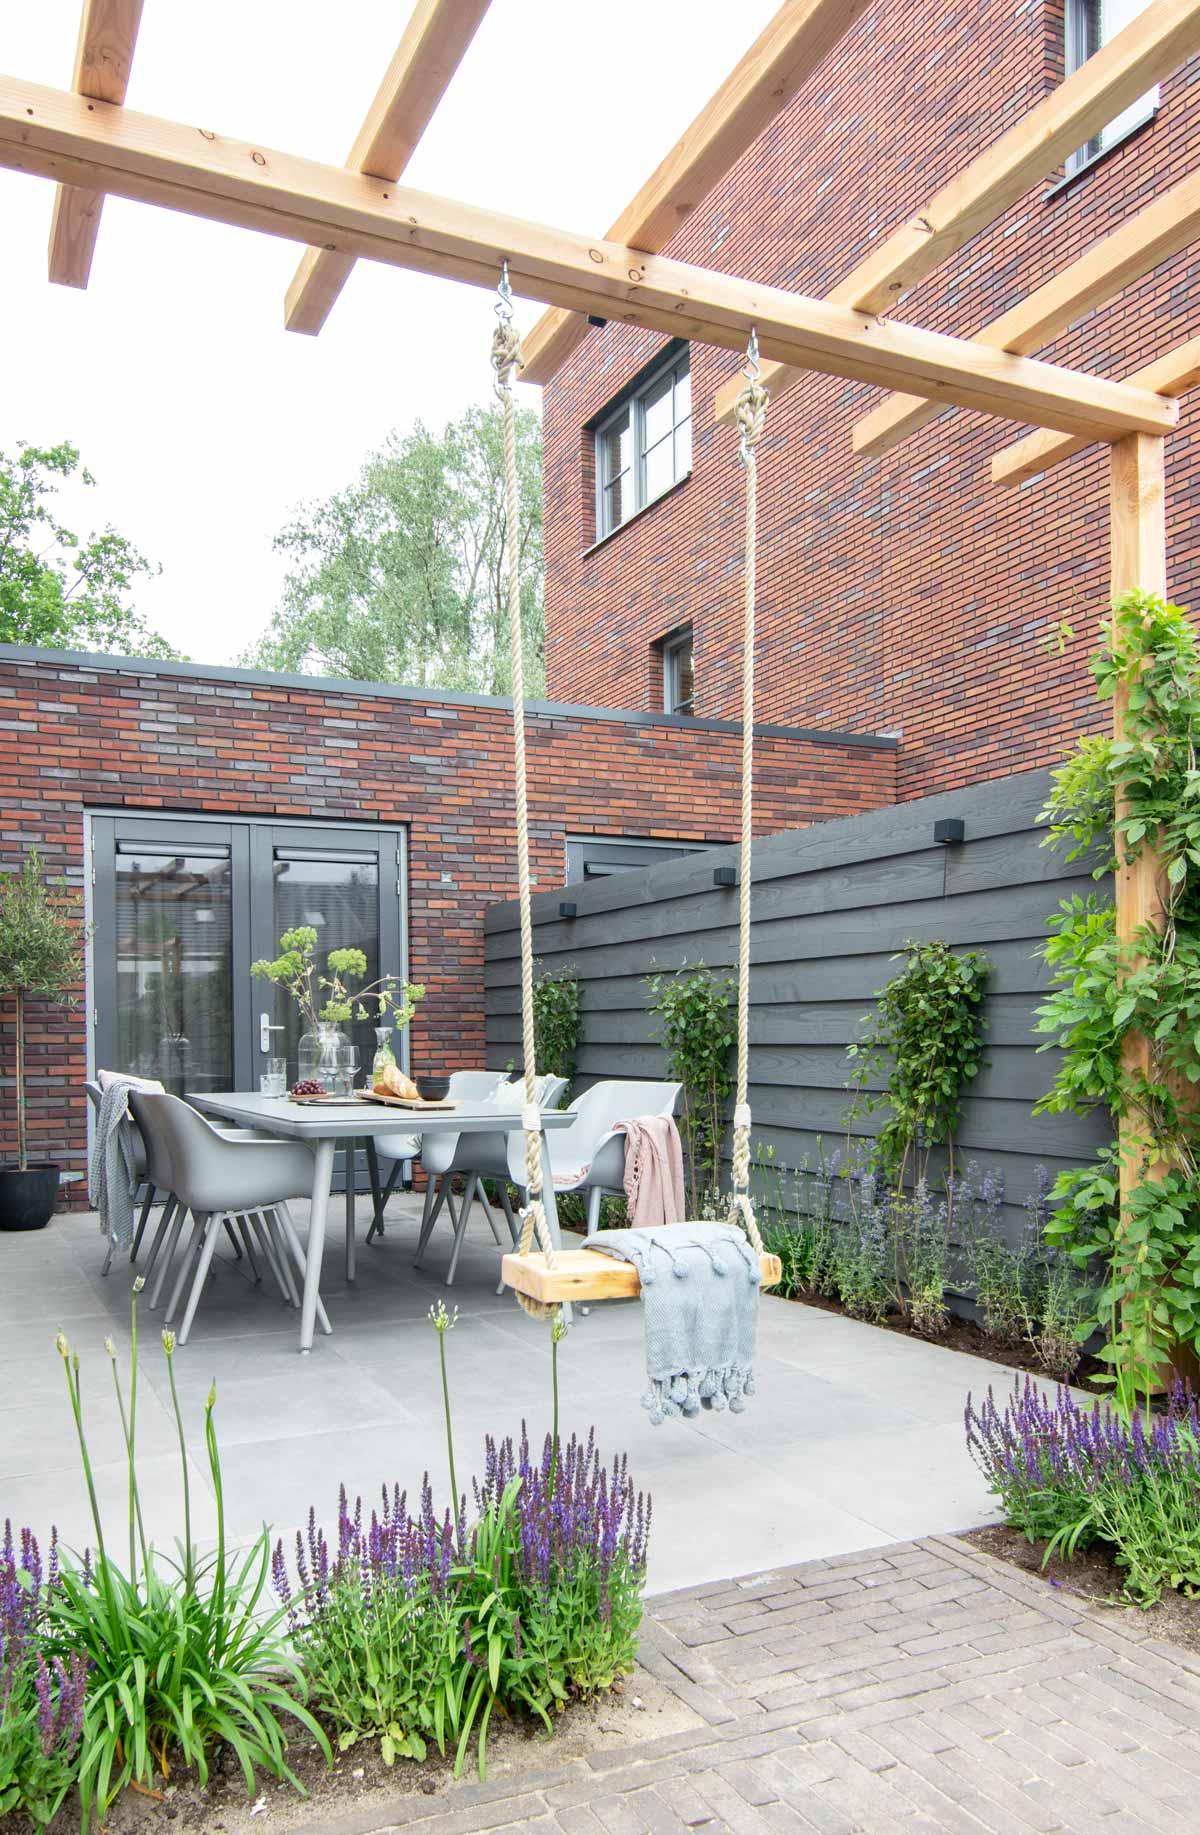 Eigen huis en Tuin Apeldoorn gezinstuin - Tanja van Hoogdalem